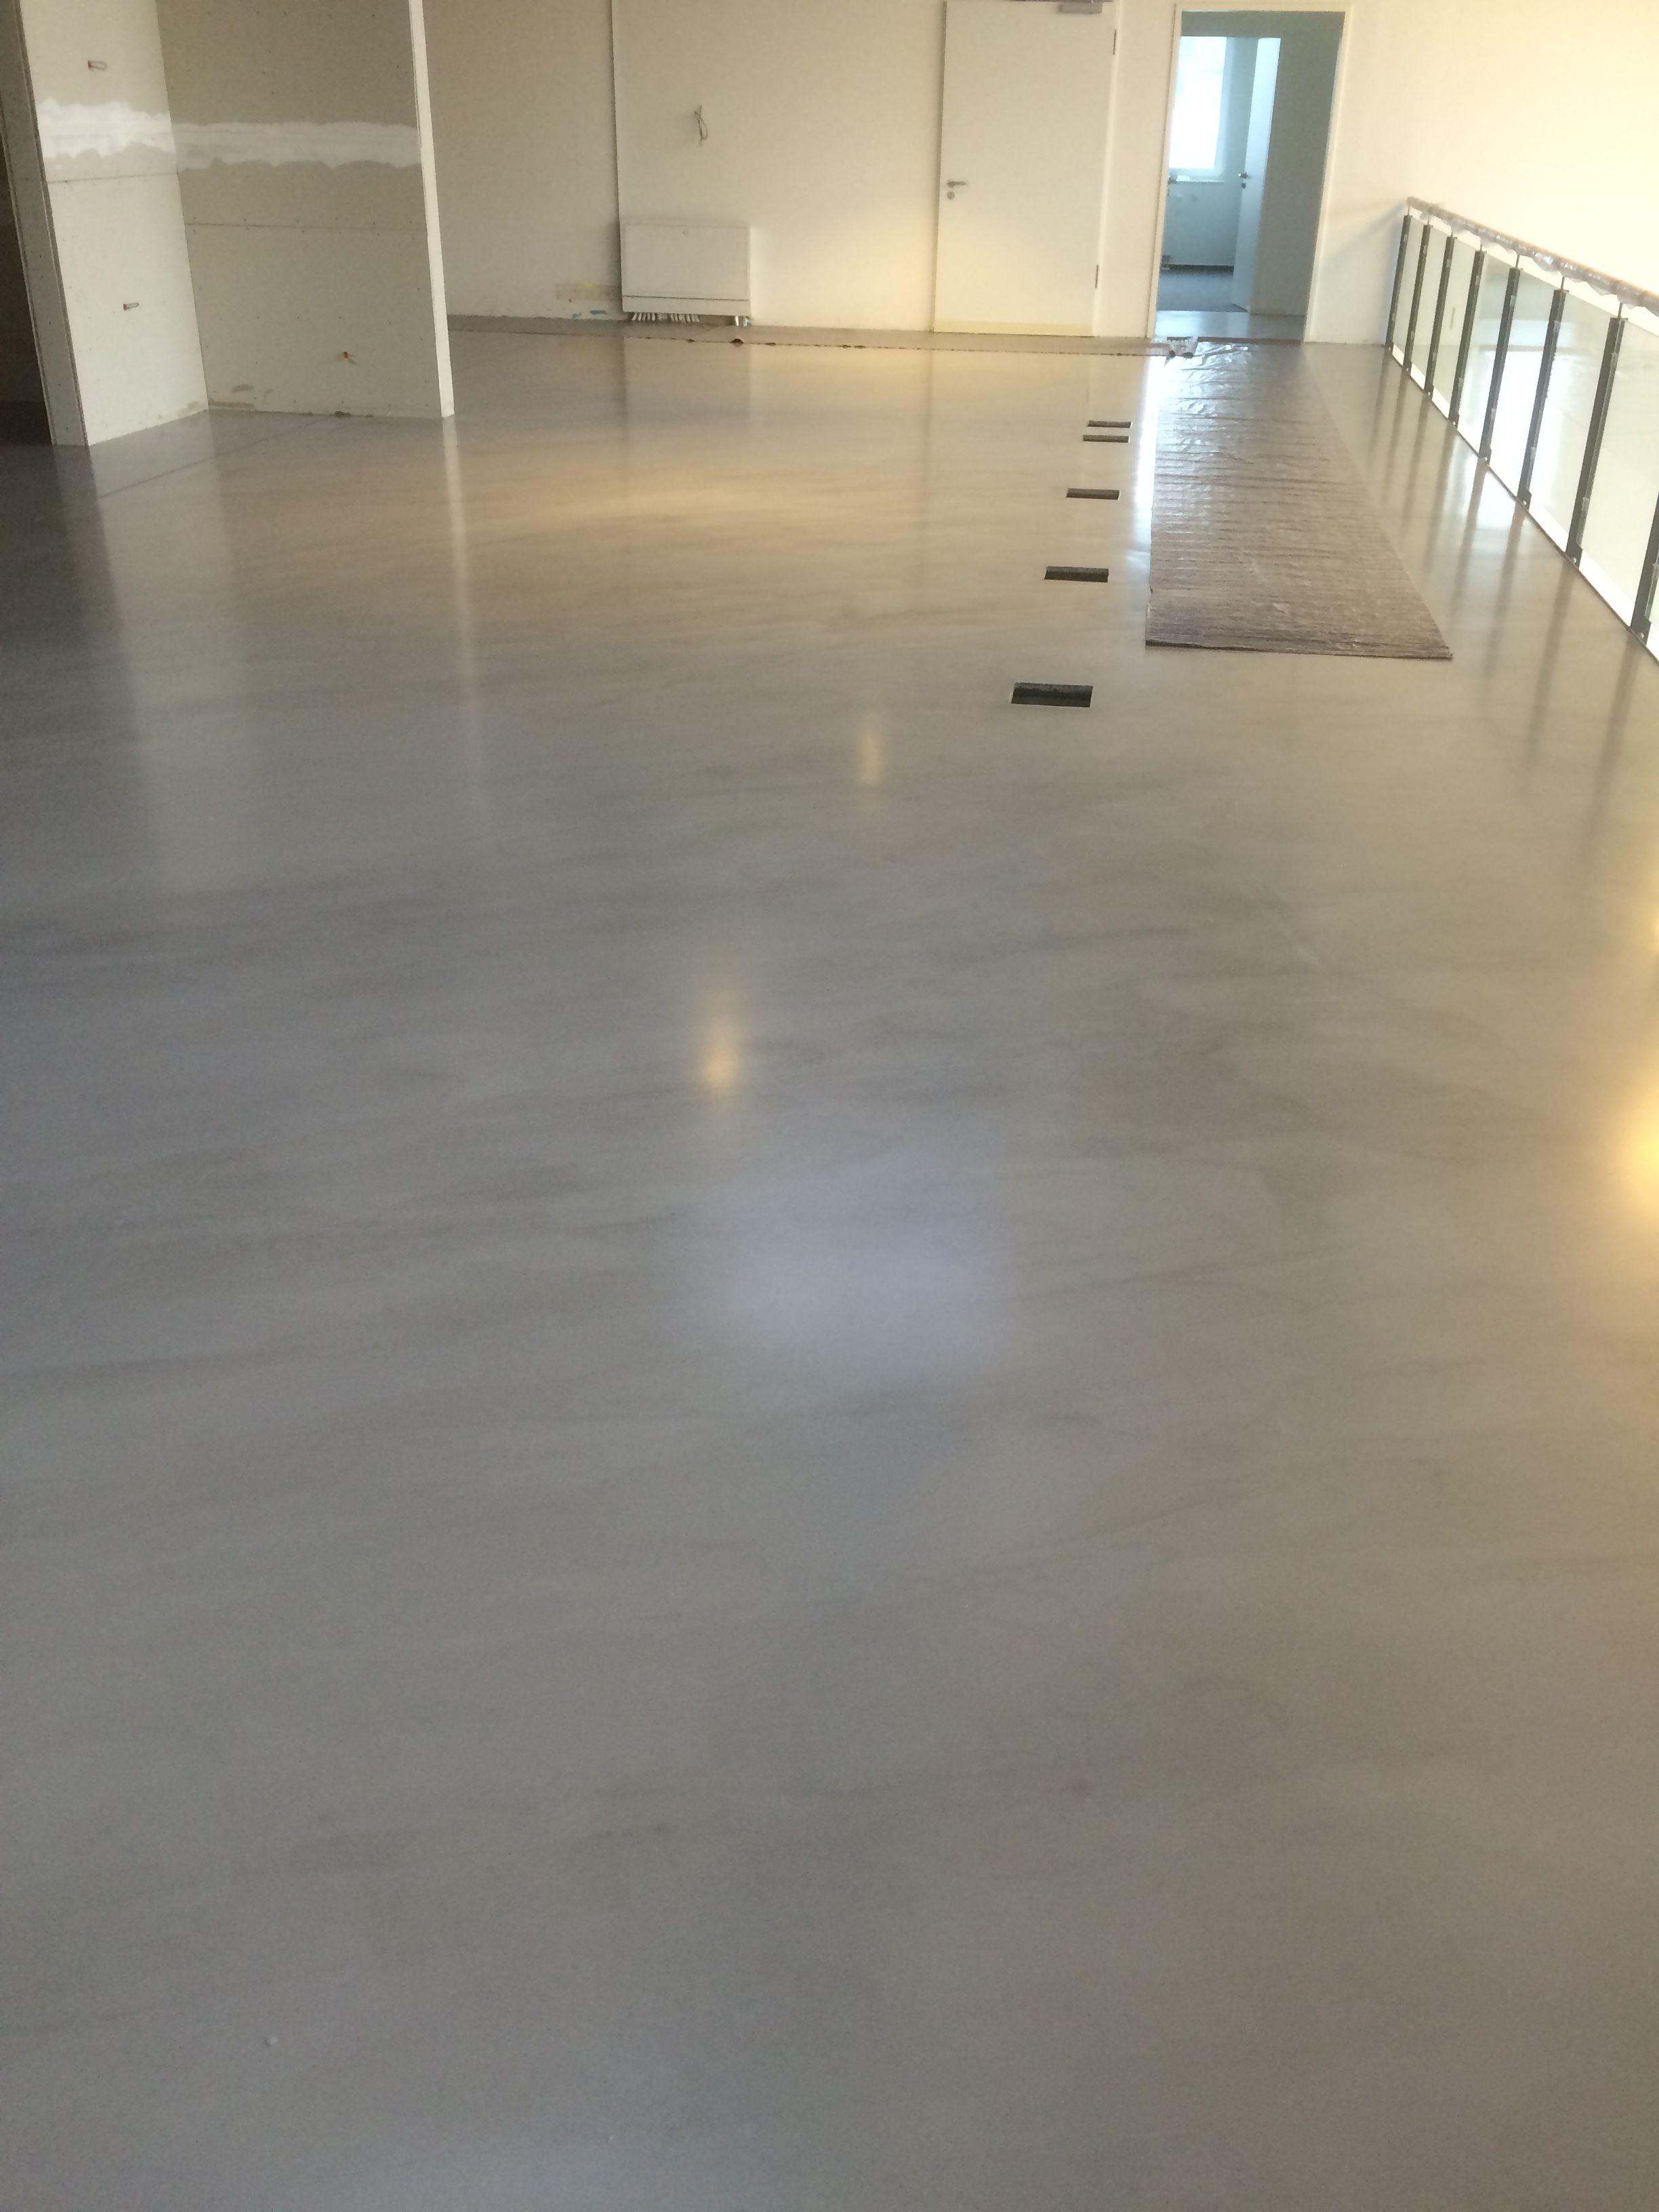 Fugenloser Boden Auf 1000m2 Bei Der Wiedemanngruppe In Hannover Ausstellungsflache Fur Hochwertige Bader Fugenloser Boden Fussboden Dekorativer Beton